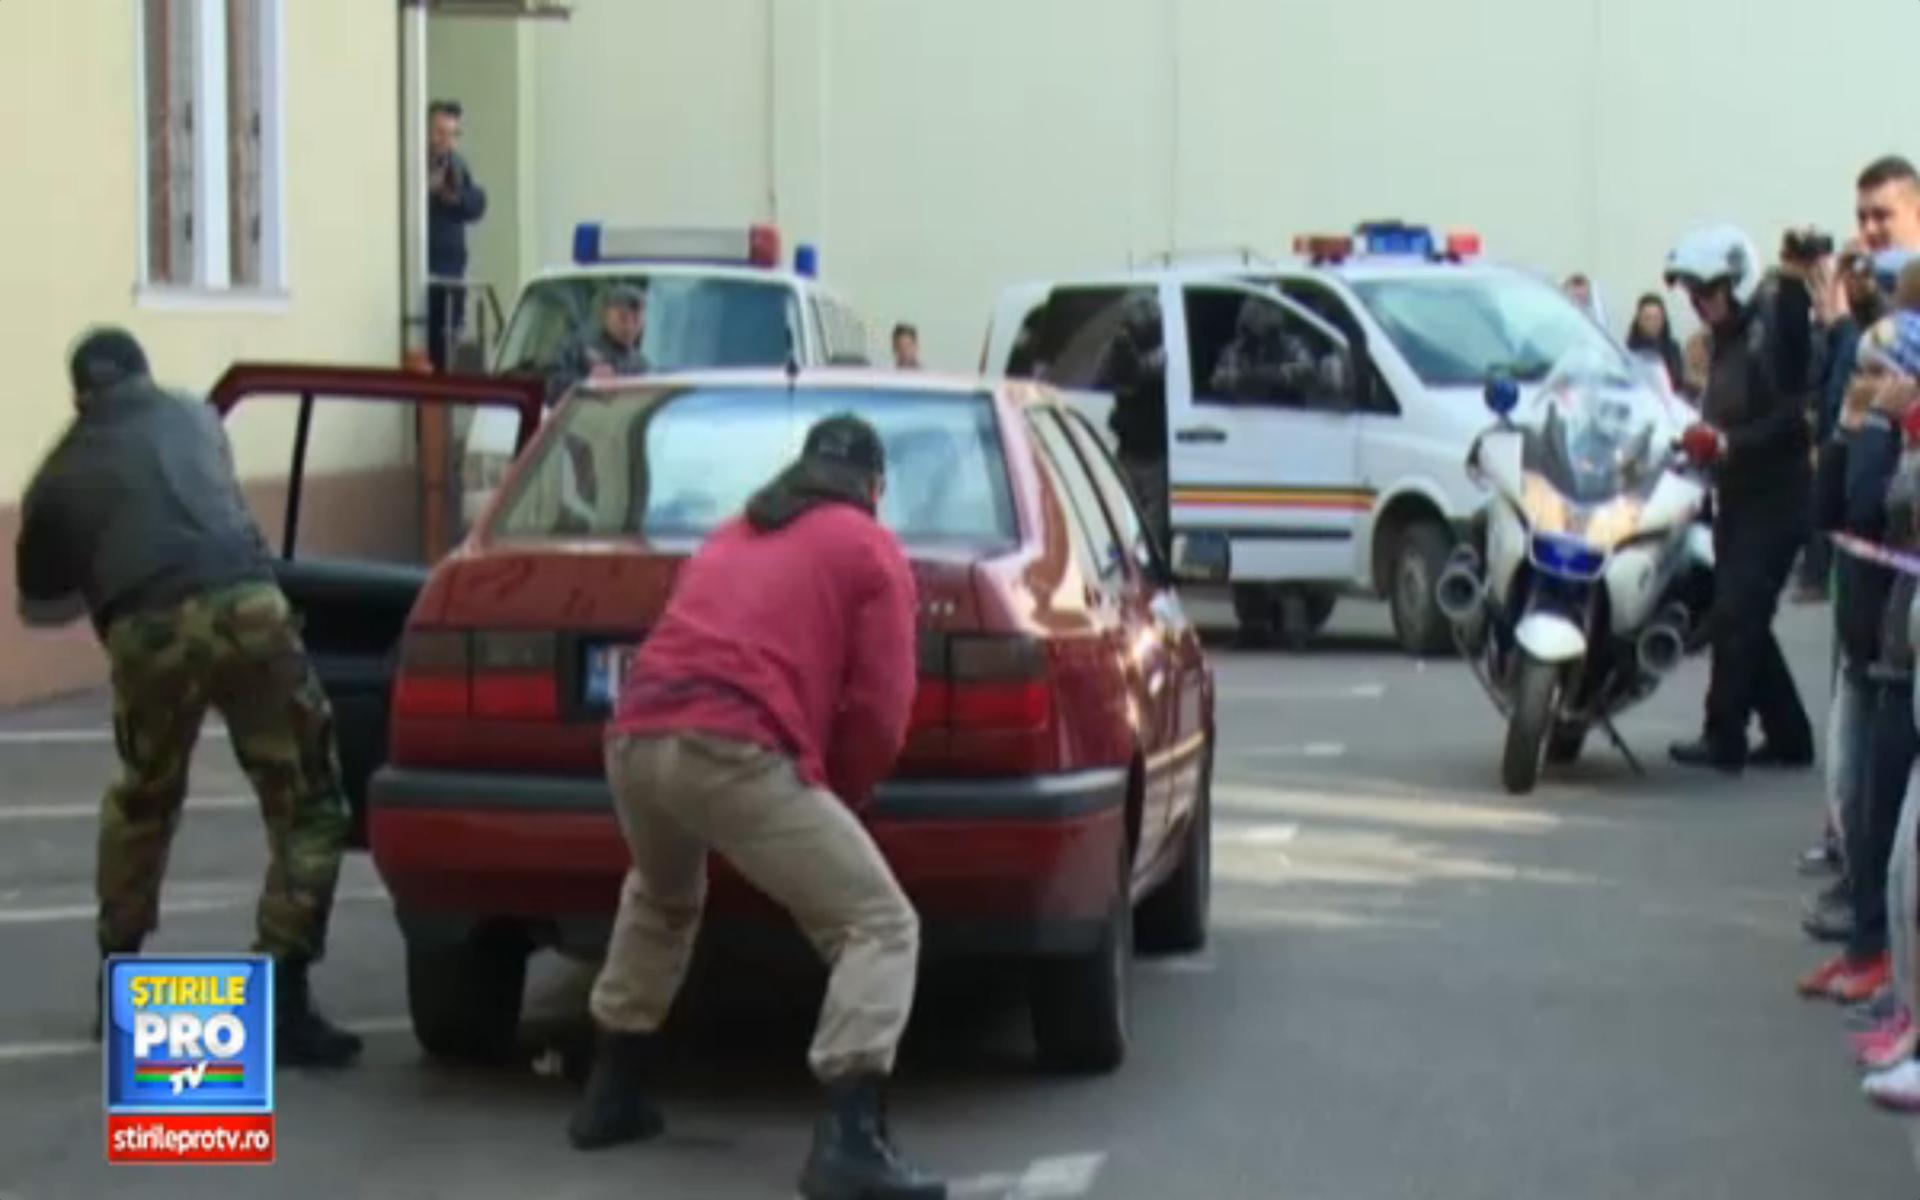 Talhari inarmati cu pistoale au navalit in curtea Politiei Bihor. Totul a fost o demonstratie a oamenilor legii, de ziua lor